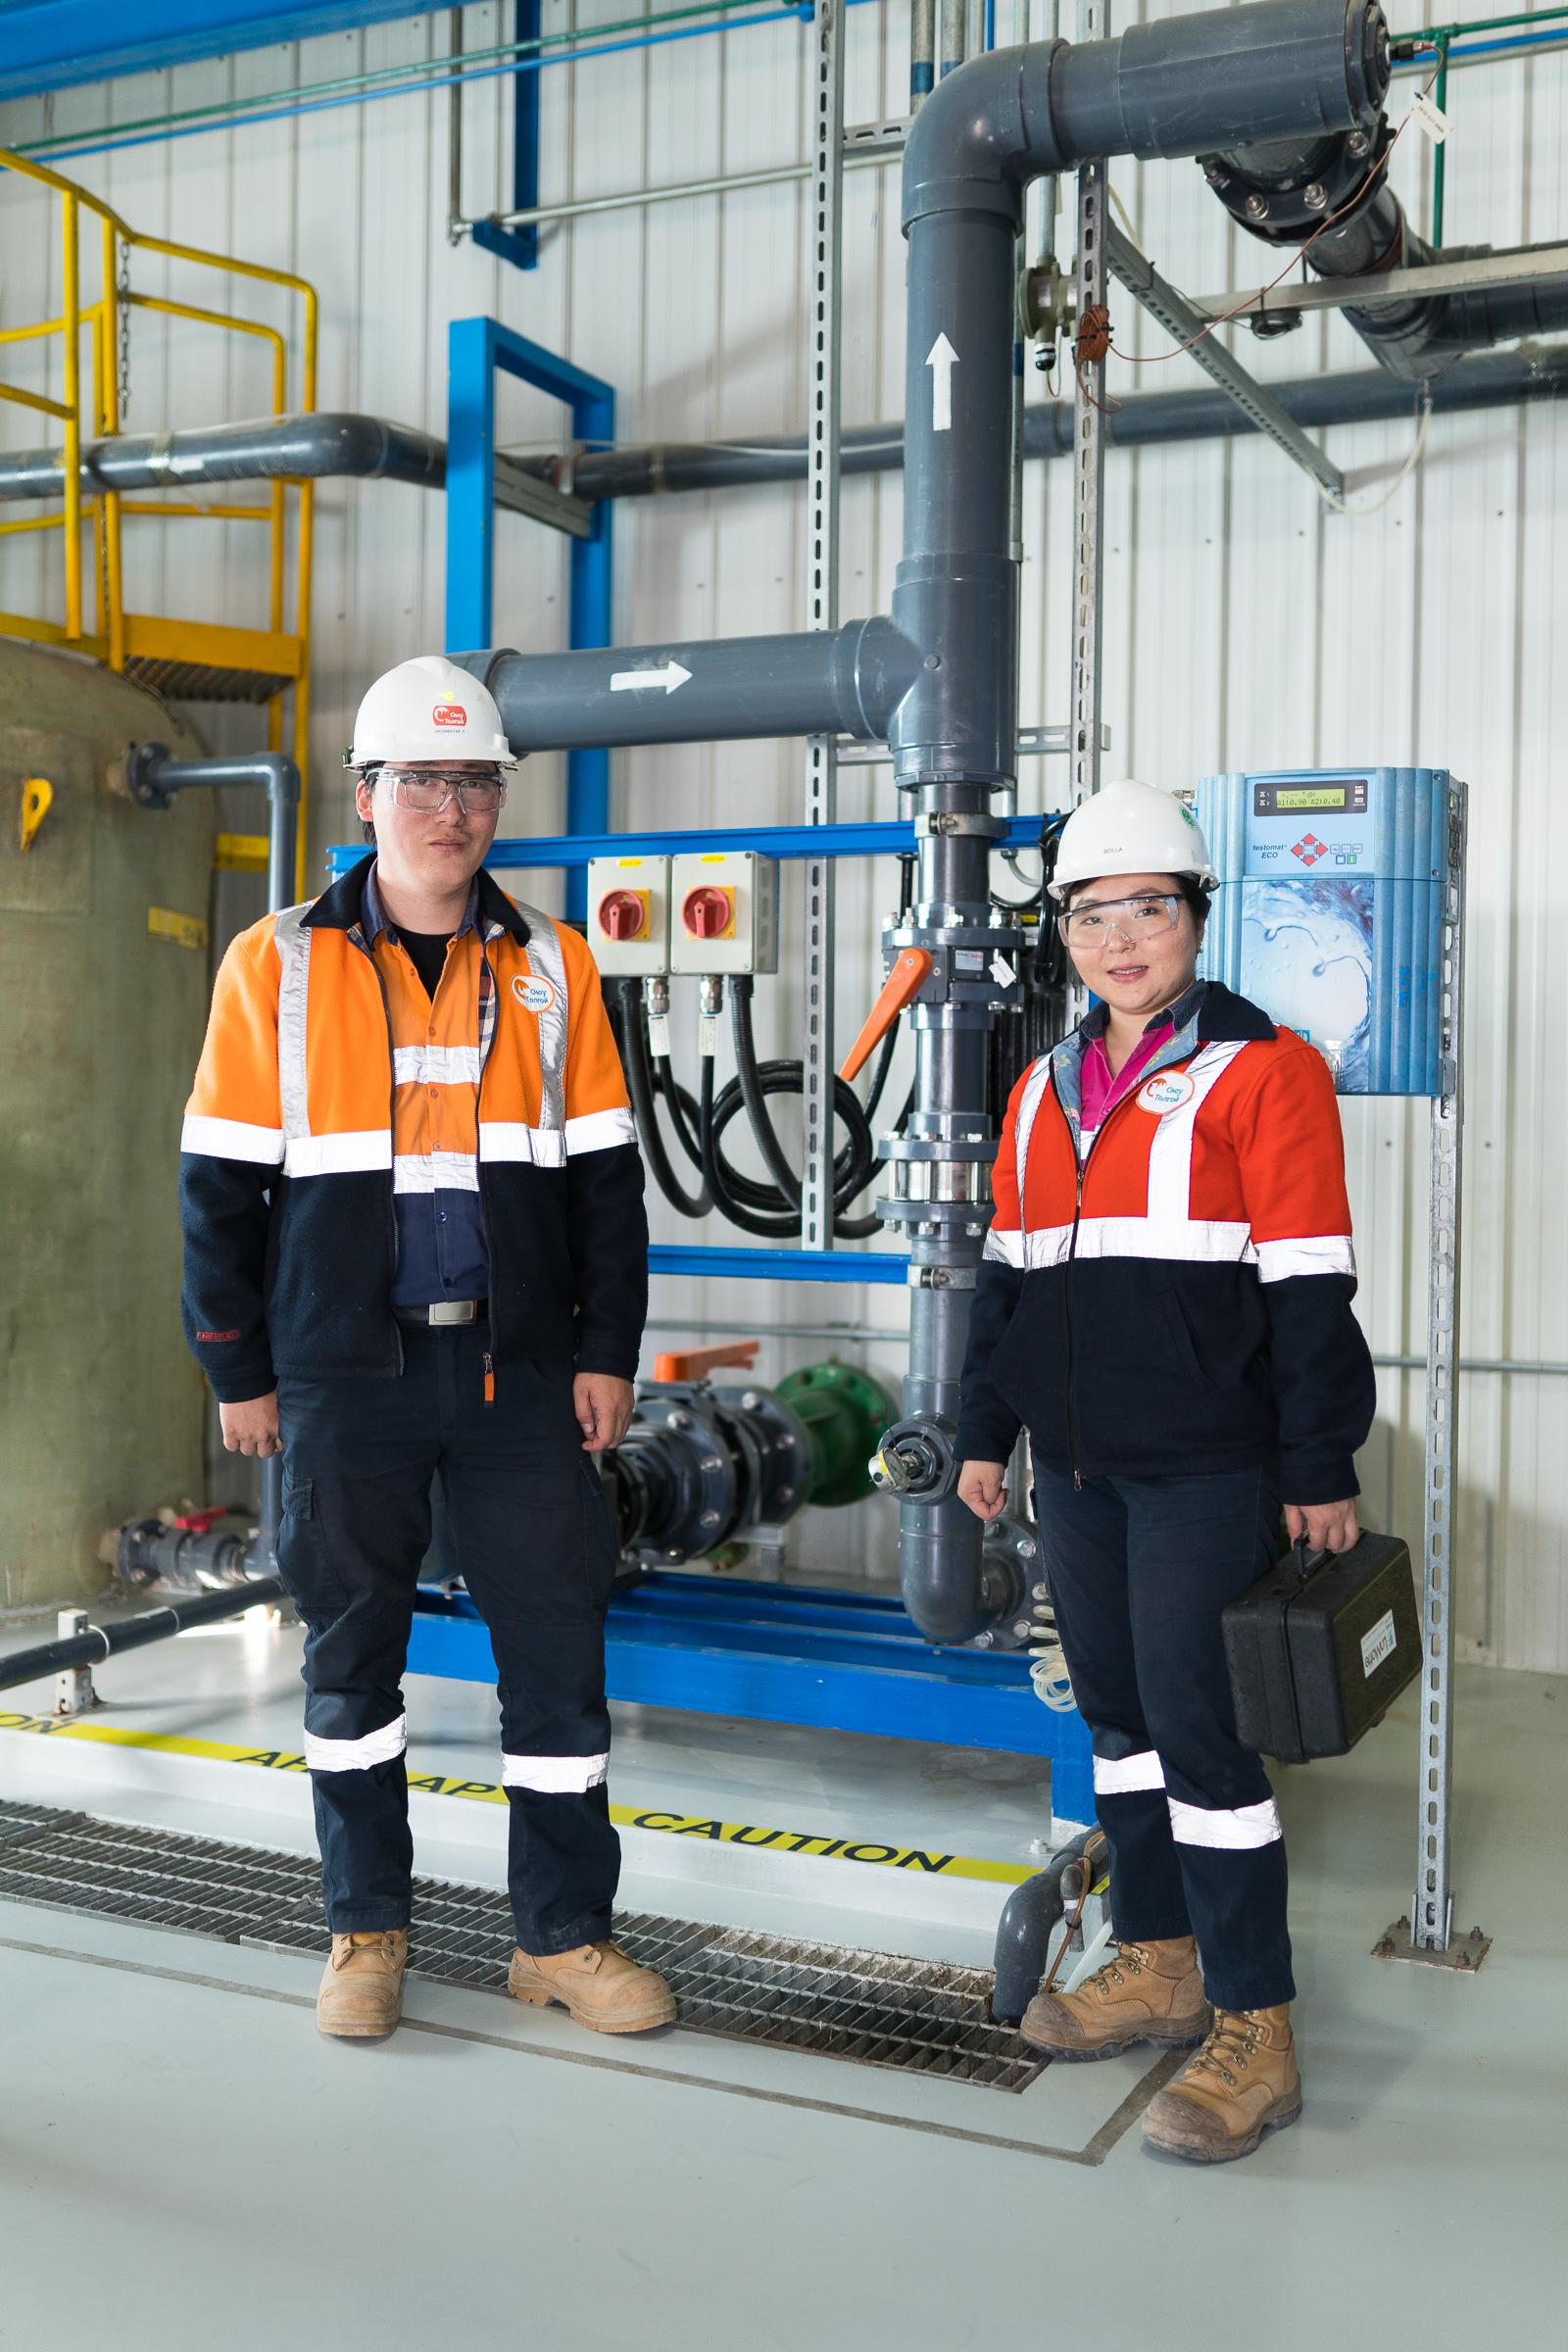 Umweltingenieurin Bolor-Erdene Orchibold aus der Mongolei mit einem Kollegen bei der Arbeit